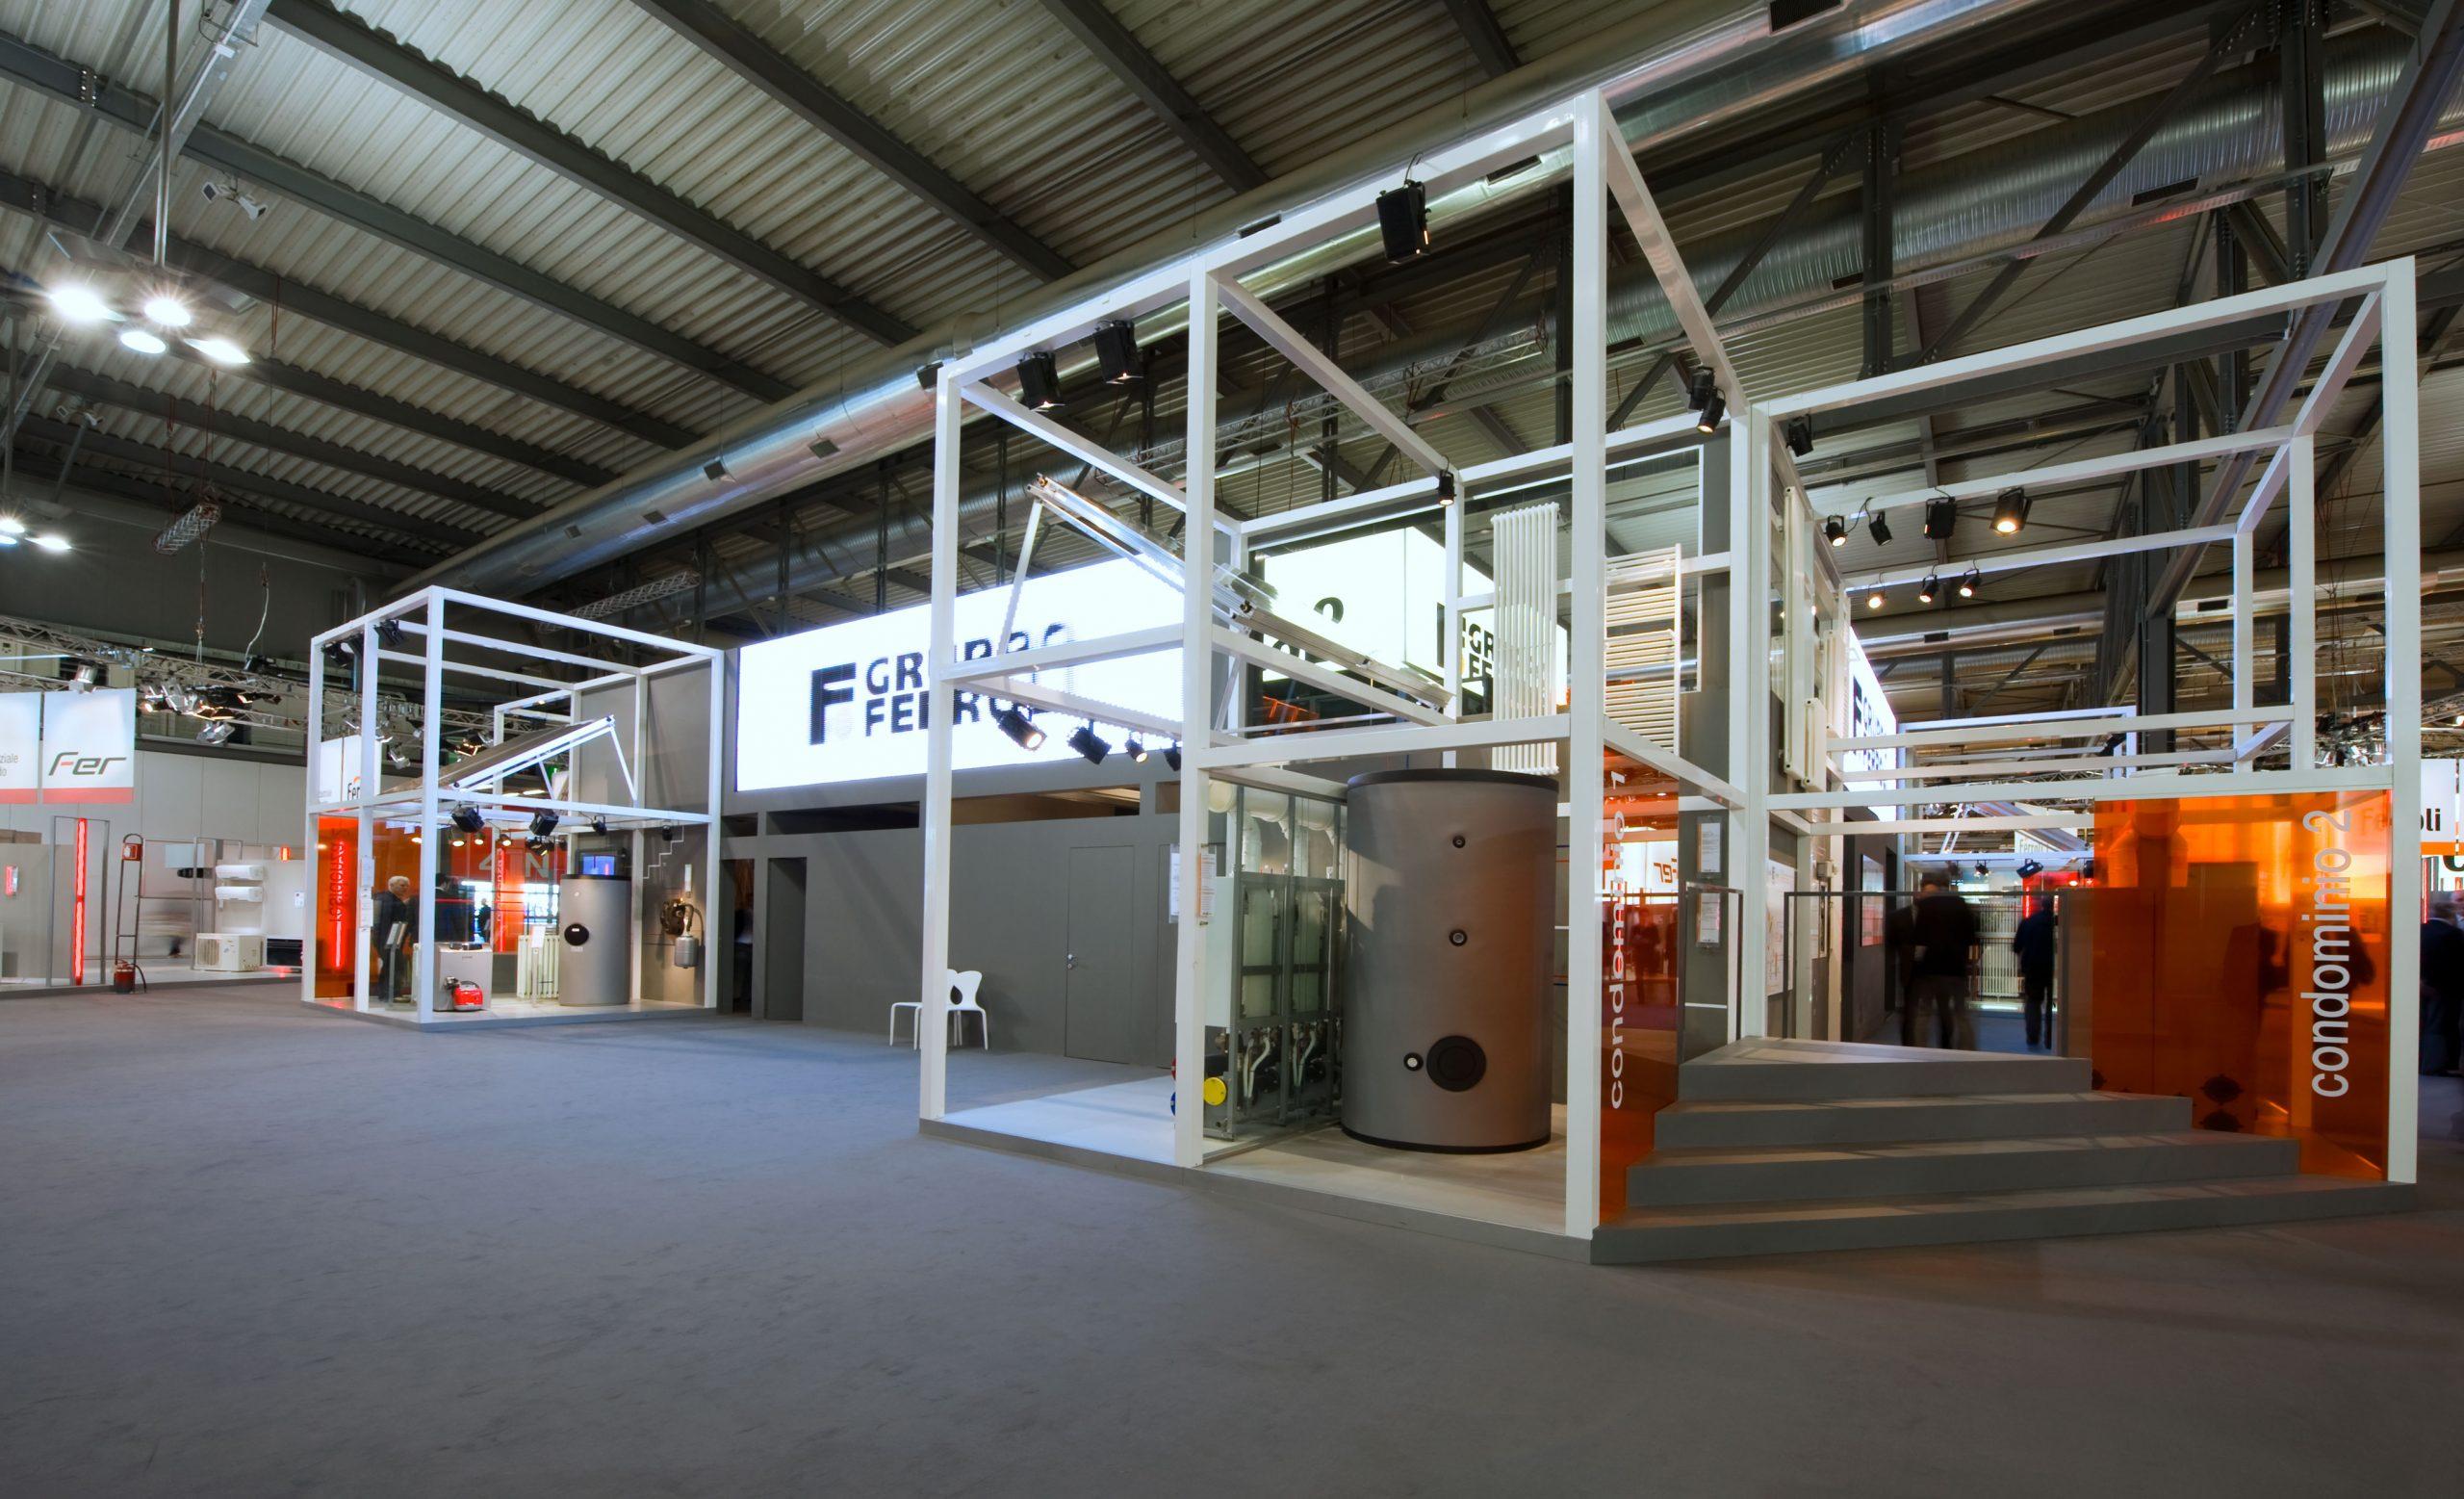 5-Ferroli-Mostra-Convegno-2008-Milano